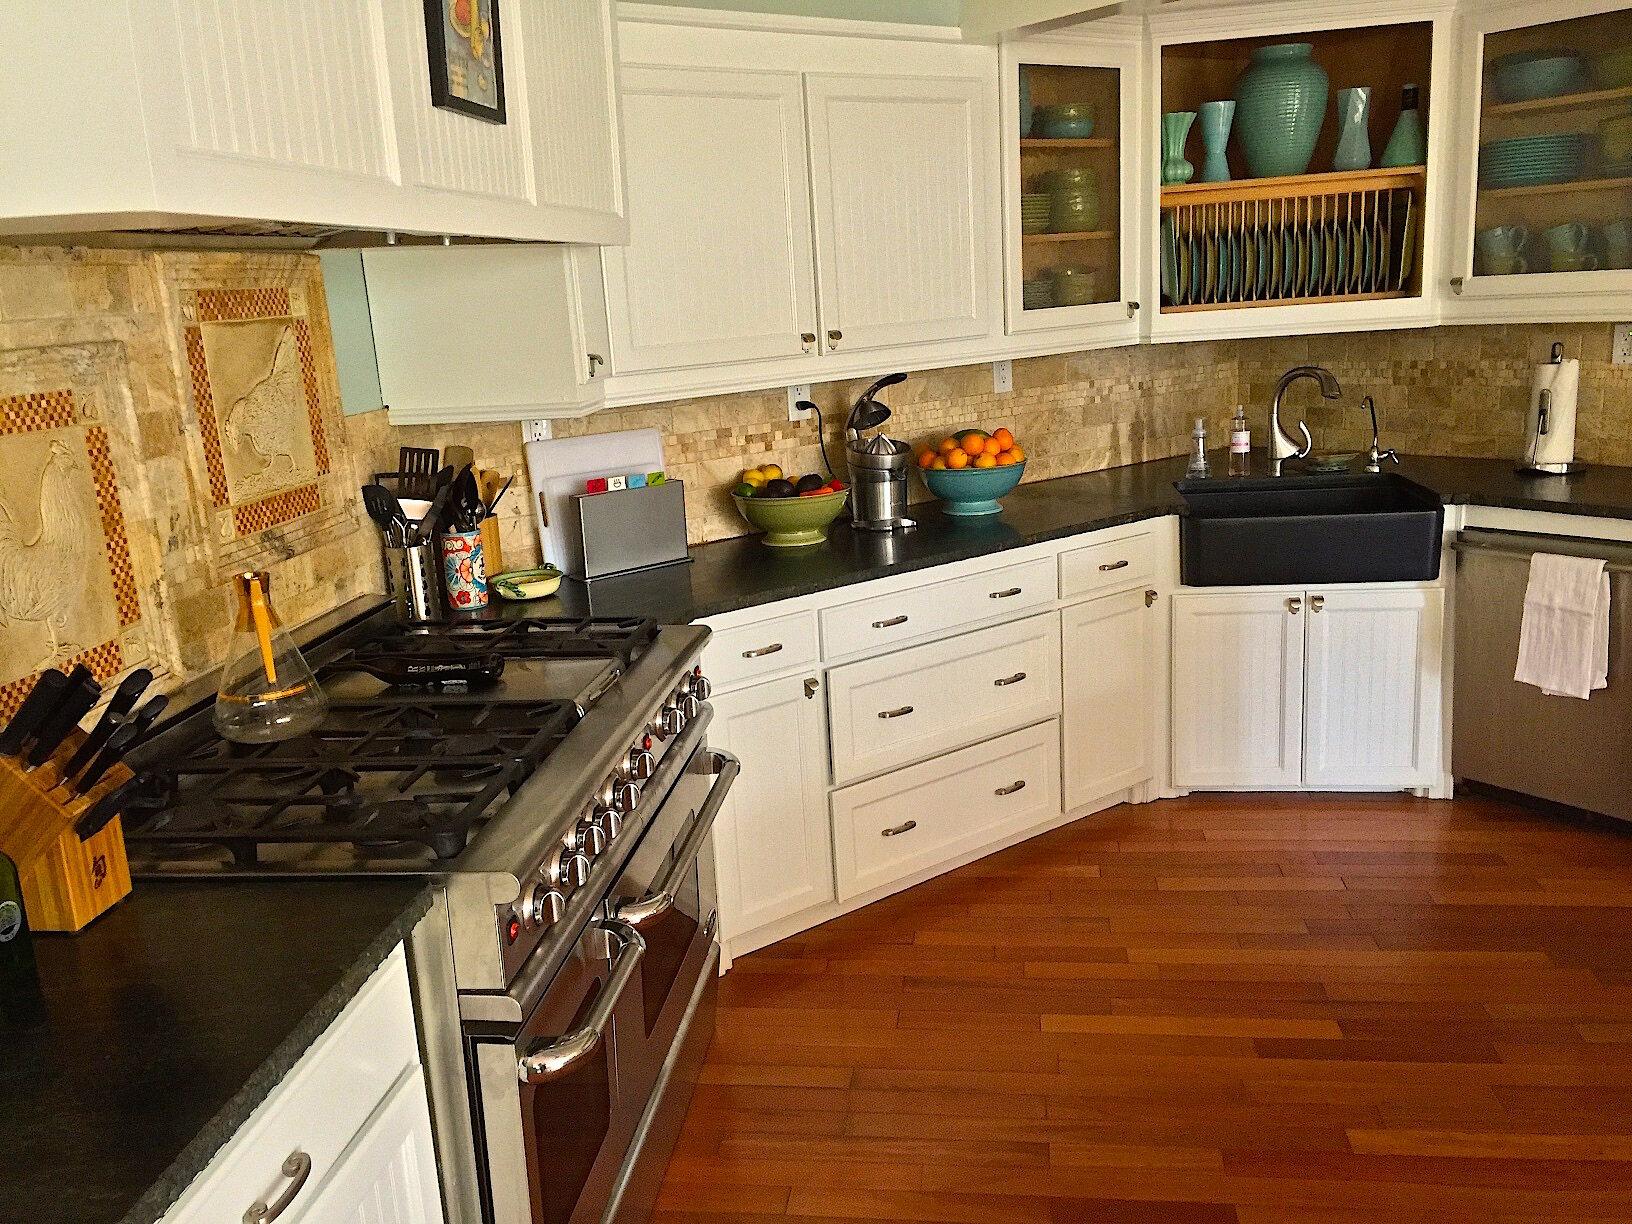 Kitchen Oven Zoe.jpg